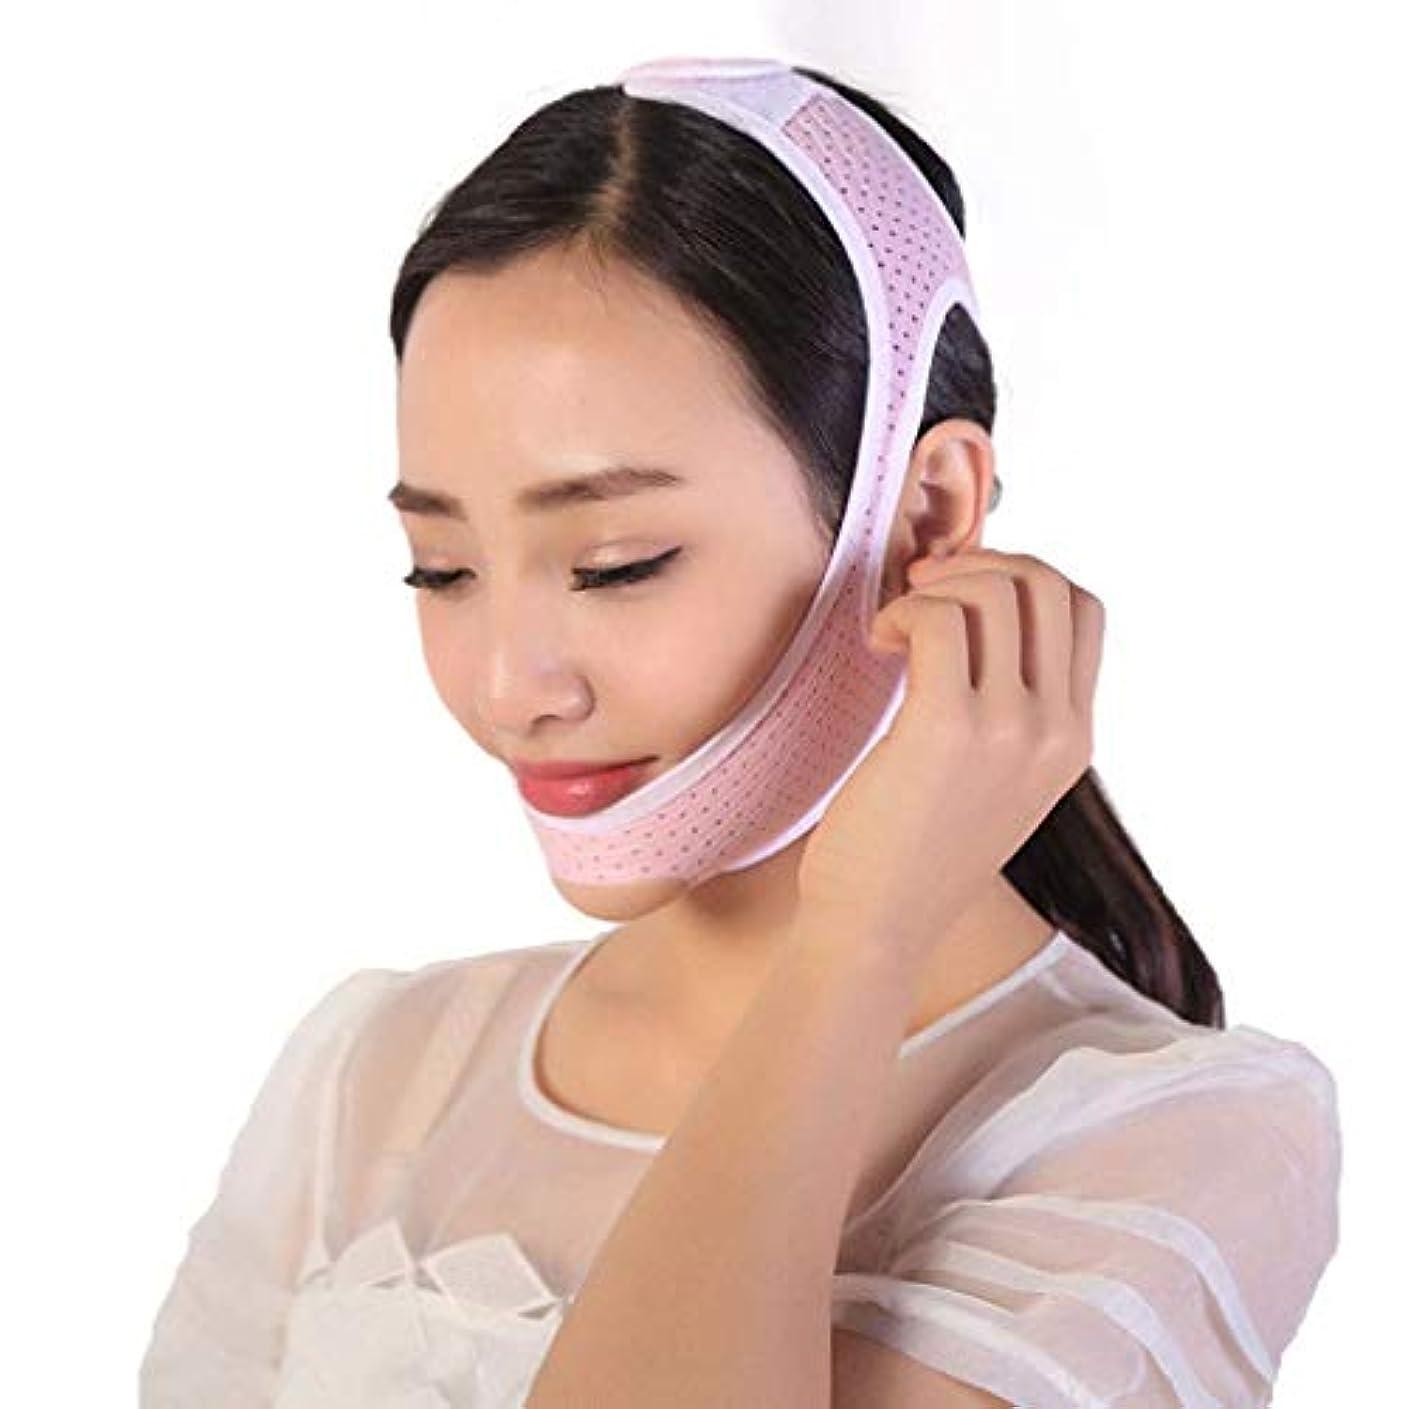 邪魔する修羅場取り戻すHUYYA 女性の顔を持ち上げるベルト、しわ防止包帯 Vライン頬 二重あごの減量顔 フェイスリフティング包帯,Pink_Large